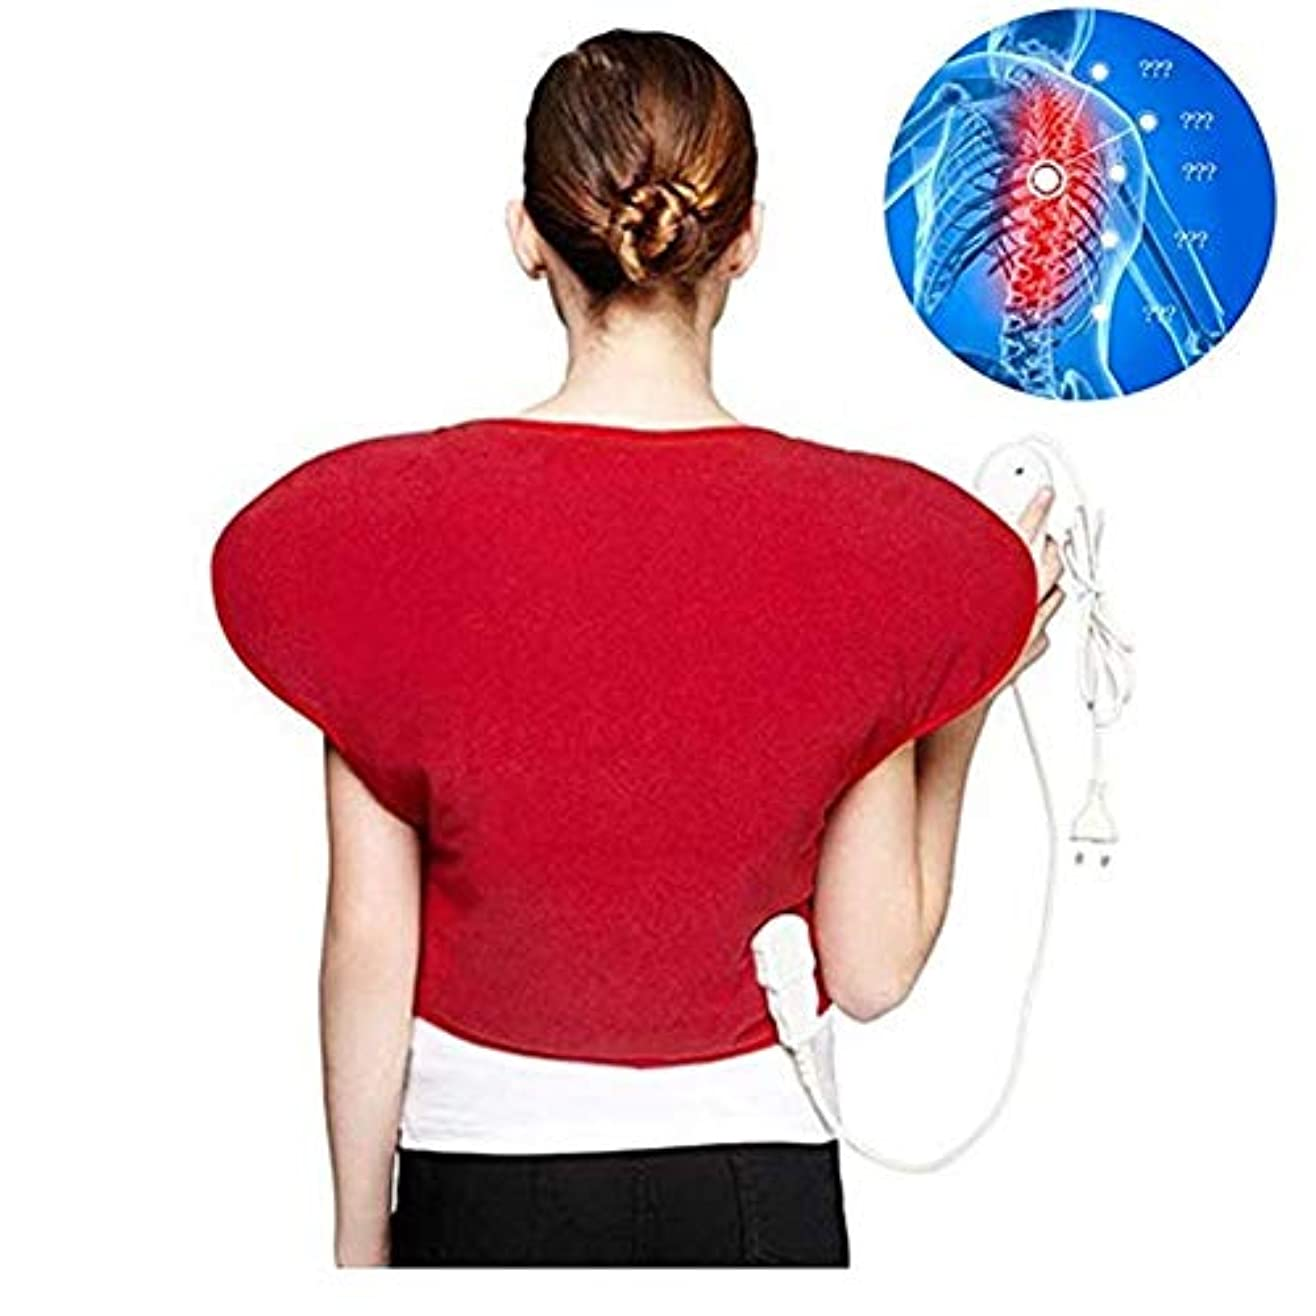 芸術ロケーションの配列肩と首の電気ヒーターパッド - 物理的な痛みの救済ホットヒートのベスト、3ファイル一定の温度、自動パワーオフ、医療用品蝶形のマッサージのヒートパッド